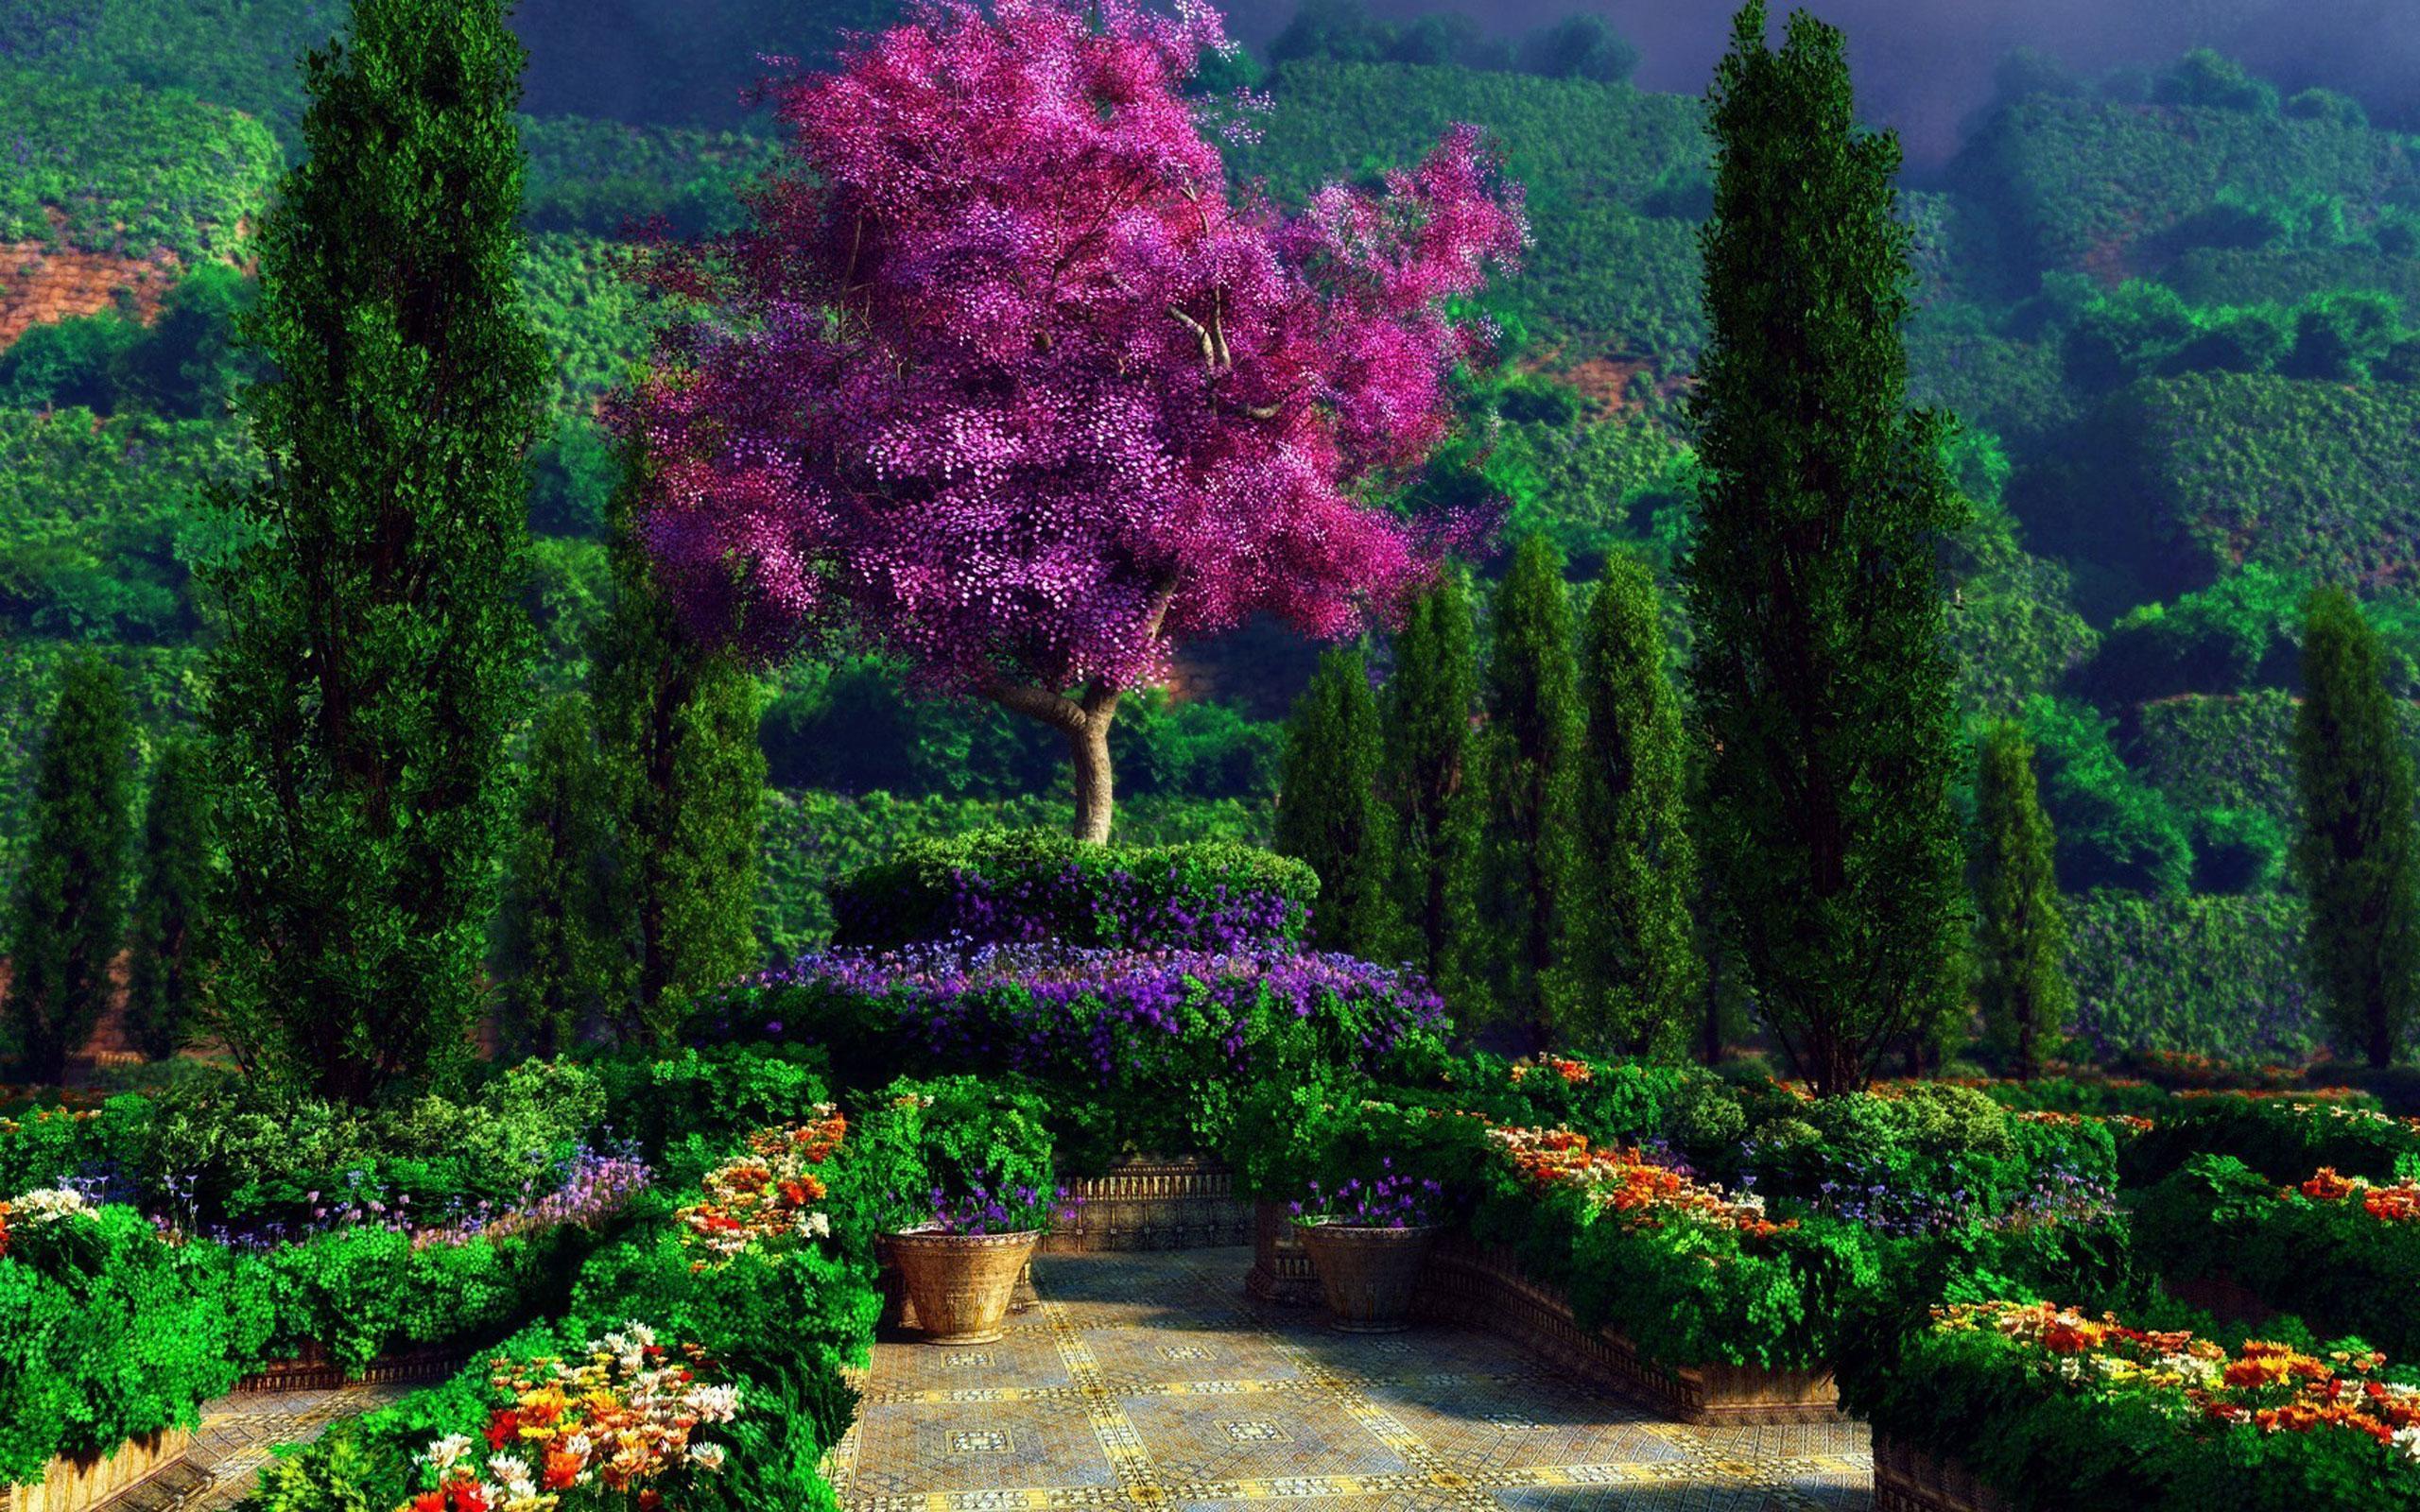 божественный сад картинки значит, что